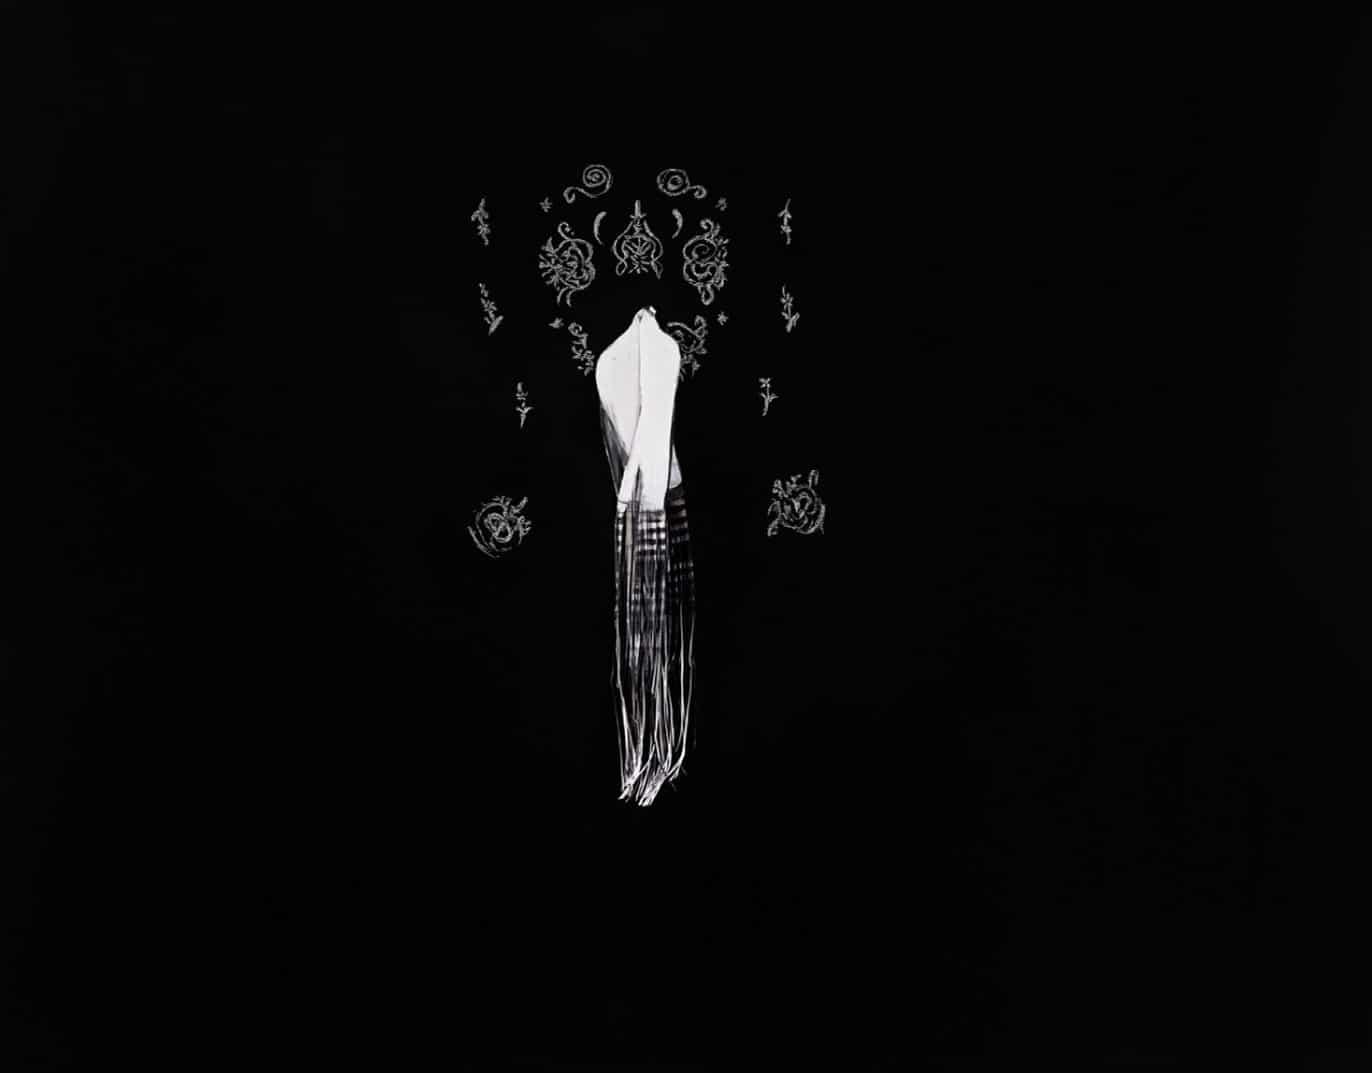 יעל סרלין, קרטוגרפיה של סימנים אבודים (לוח 2/3), 2020-2018. טכניקה מעורבת על לוח שחור, 2x2.60 מטר. אוסף האמנית